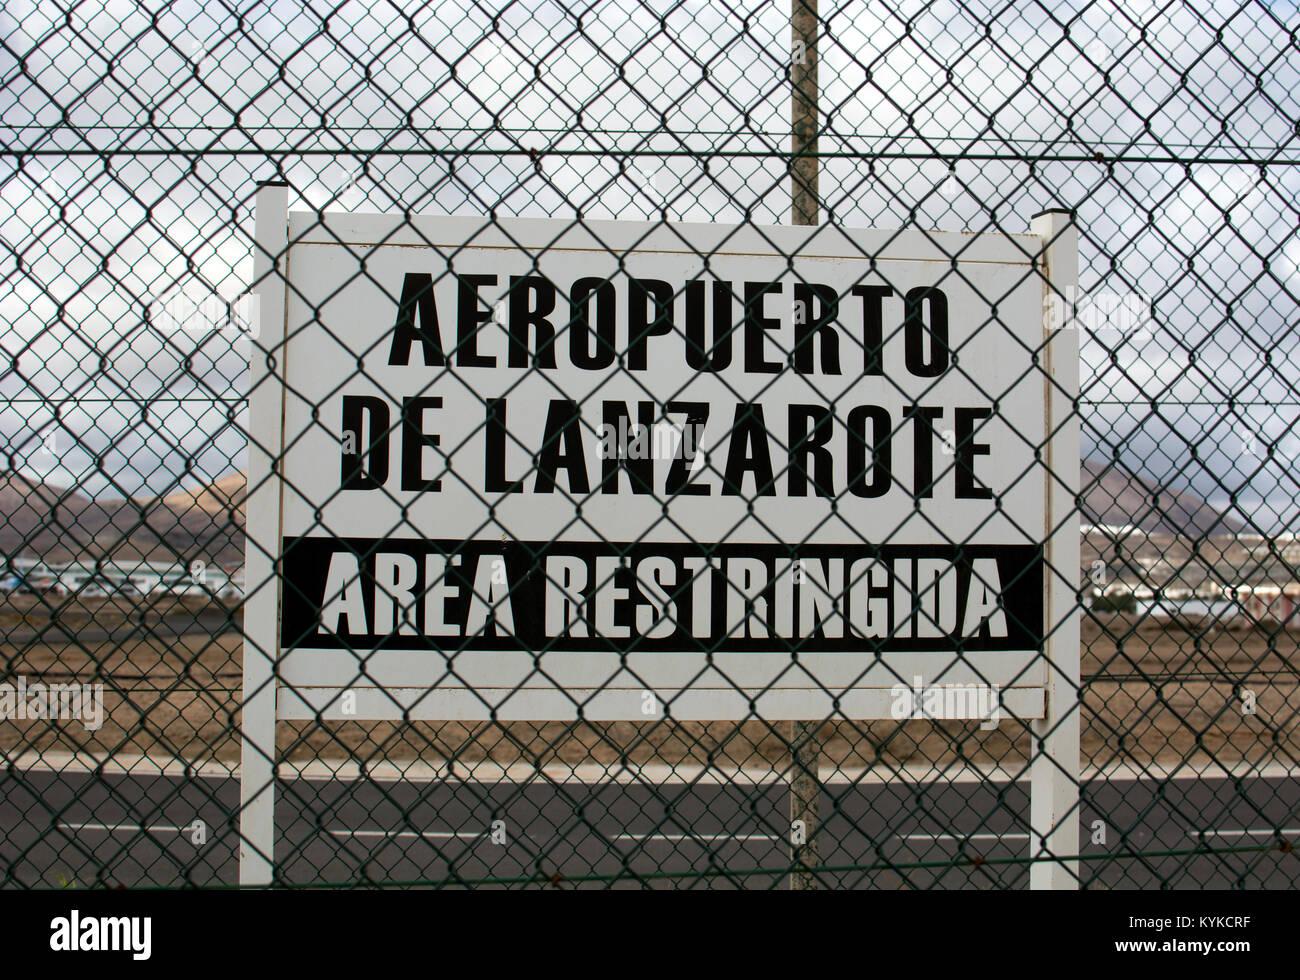 Eingeschränkter Bereich unterzeichnen, Flughafen Arrecife, Lanzarote, Kanarische Inseln, Spanien. Stockbild